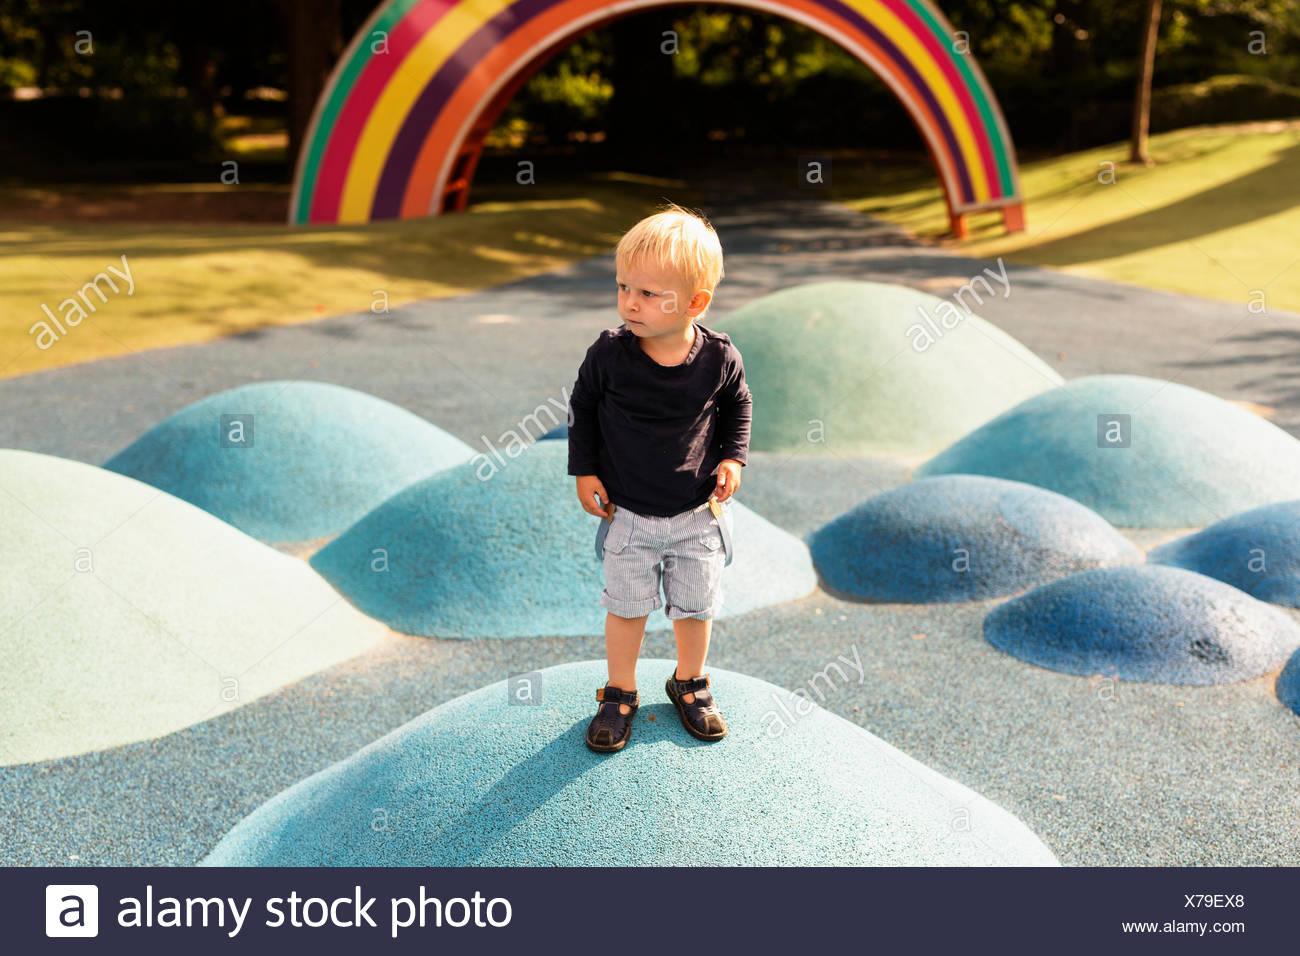 Toute la longueur du garçon debout sur la colline artificielle de jeux pour enfants Photo Stock